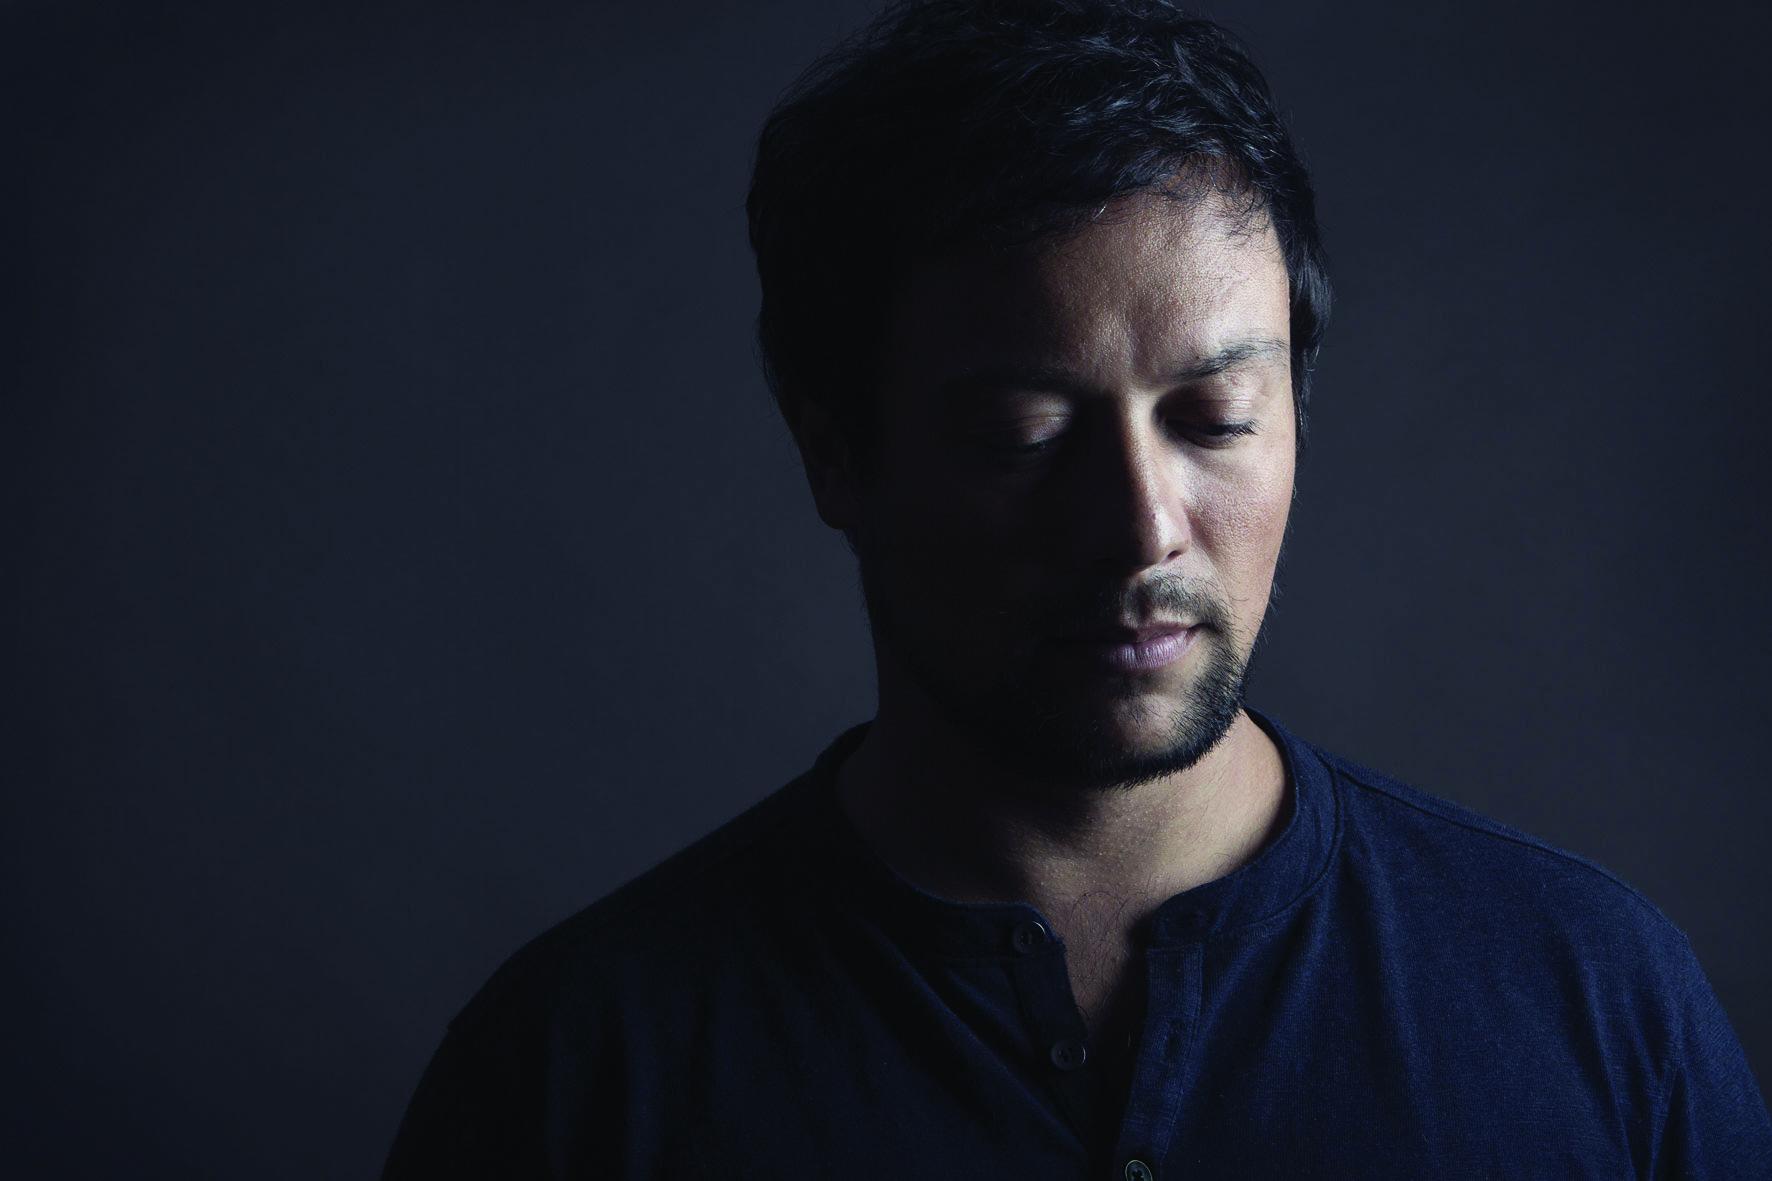 Música   Poema de Adé cantado no novo disco de Felipe Fontenelle